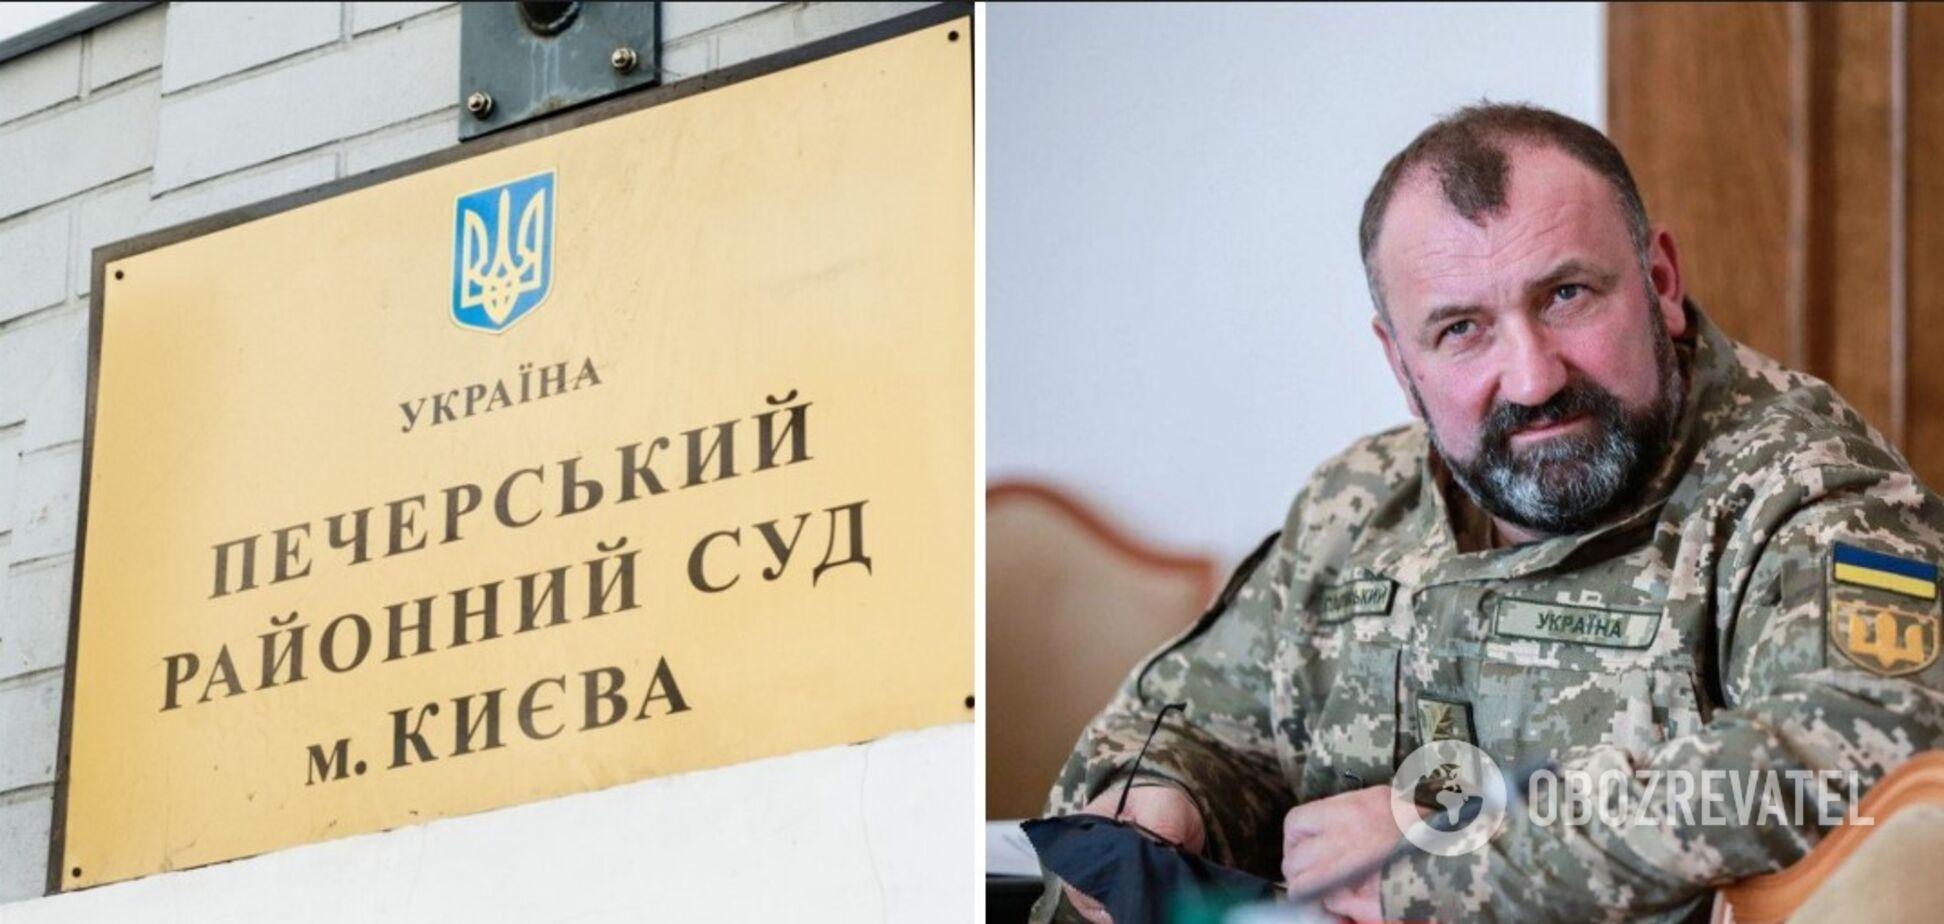 Генералу Павловському зібралися таємно продовжити запобіжний захід без участі його захисників, – адвокат